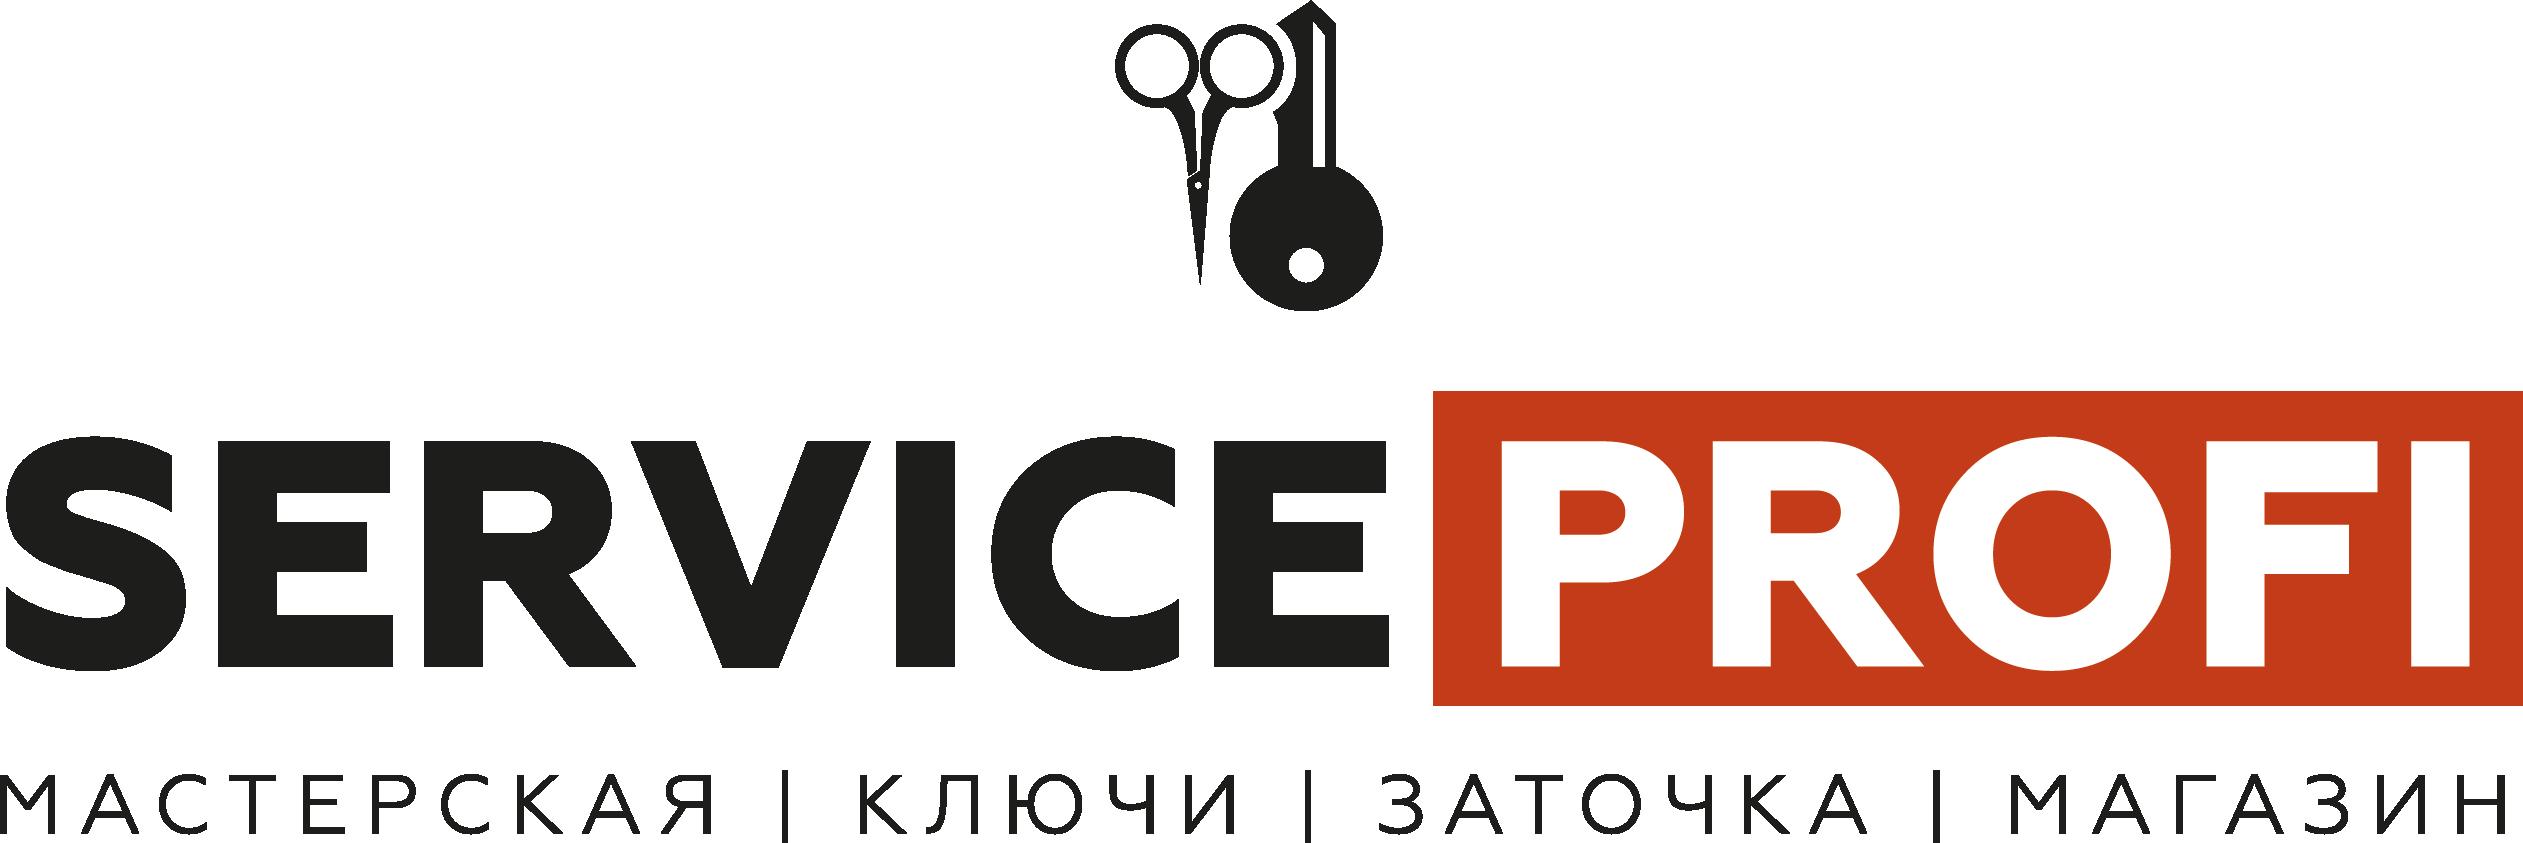 Service Profi Ростов-на-Дону